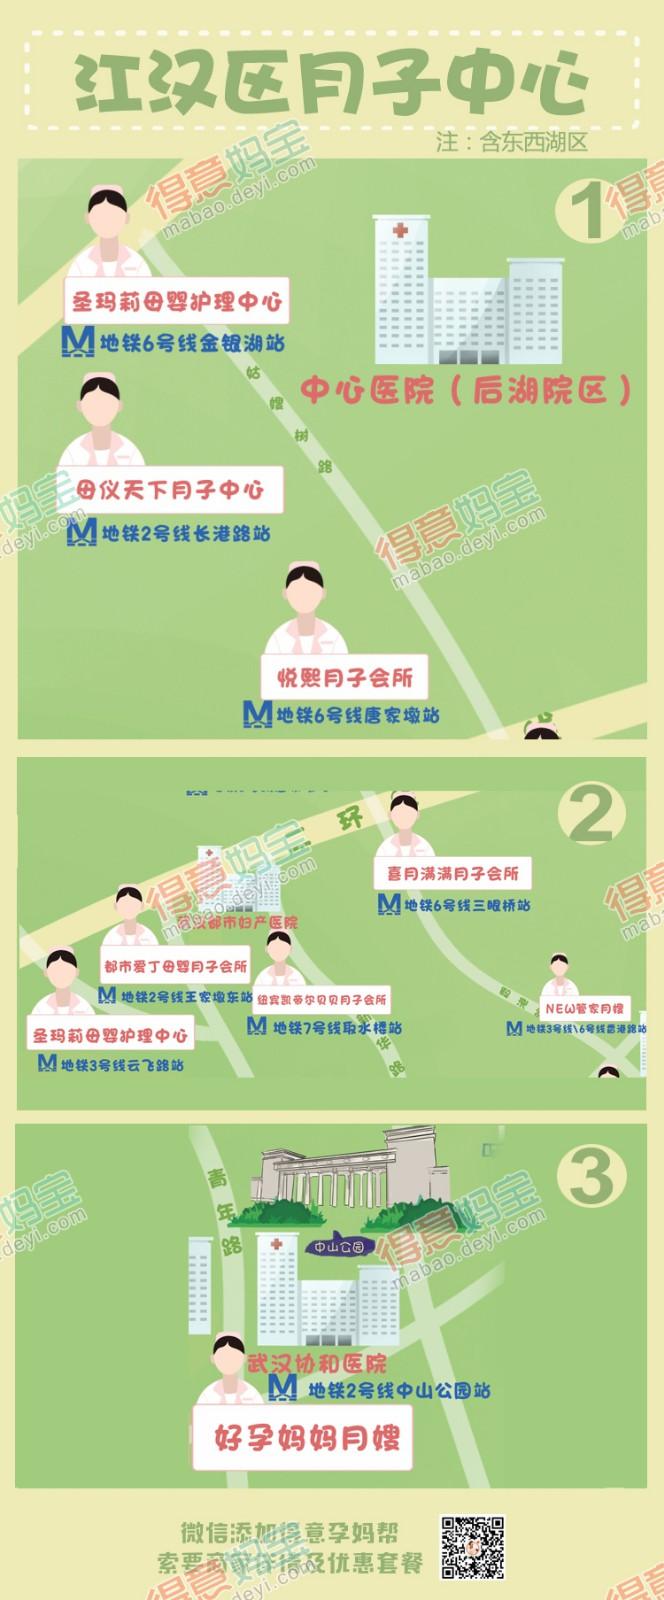 江汉区(帖子用图)已.jpg